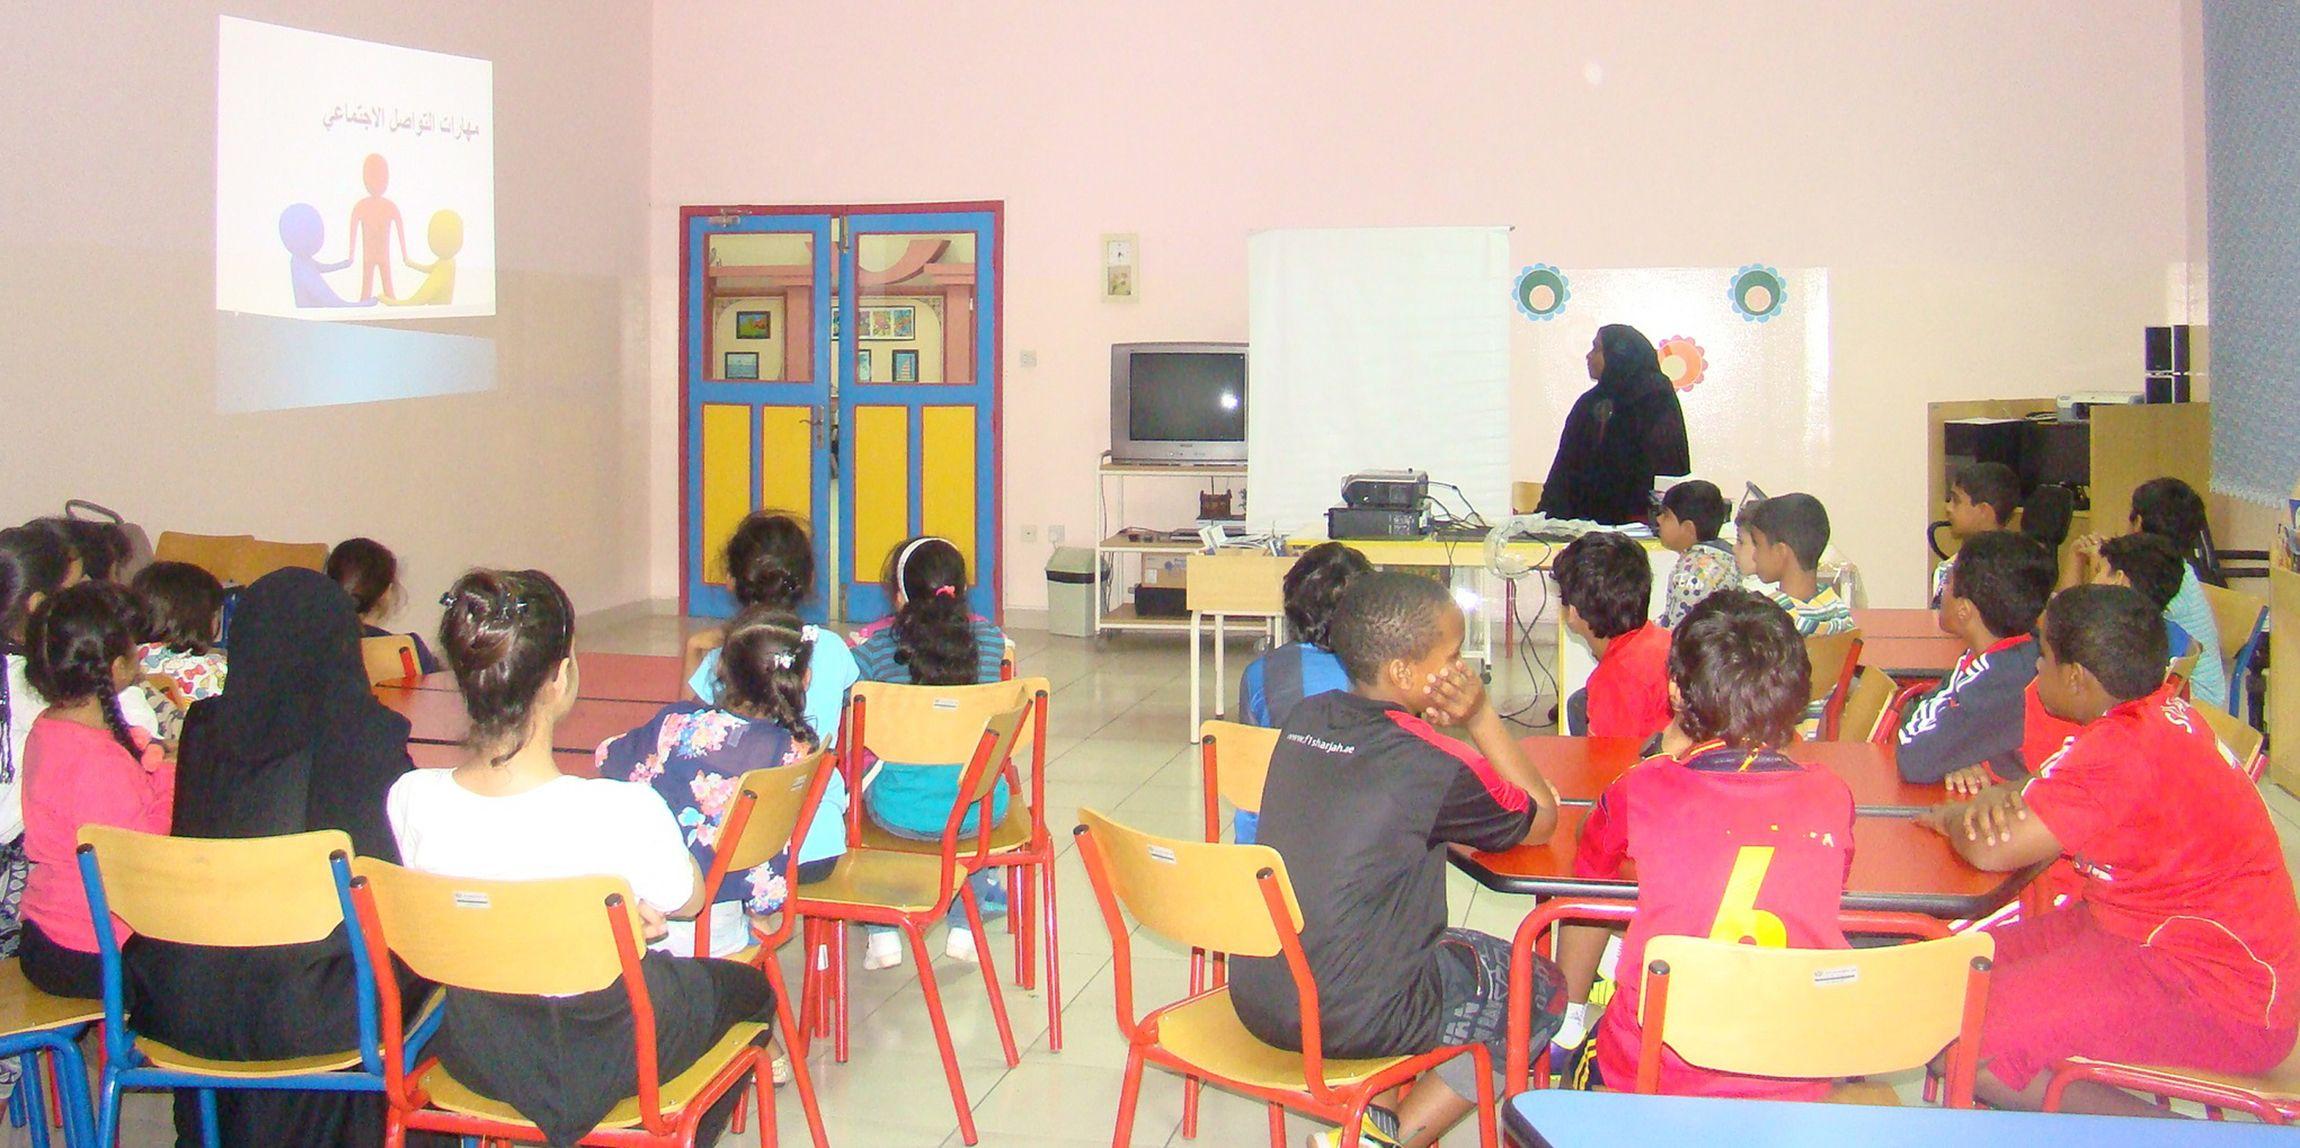 مهارات التواصل مع الآخرين في مراكز الأطفال نظمت إدارة مراكز الأطفال بالشارقة التابعة للمجلس الأعلى لشؤون الأسرة ضمن برنامج صحة وعافية خلال شهر يناير الجاري عد